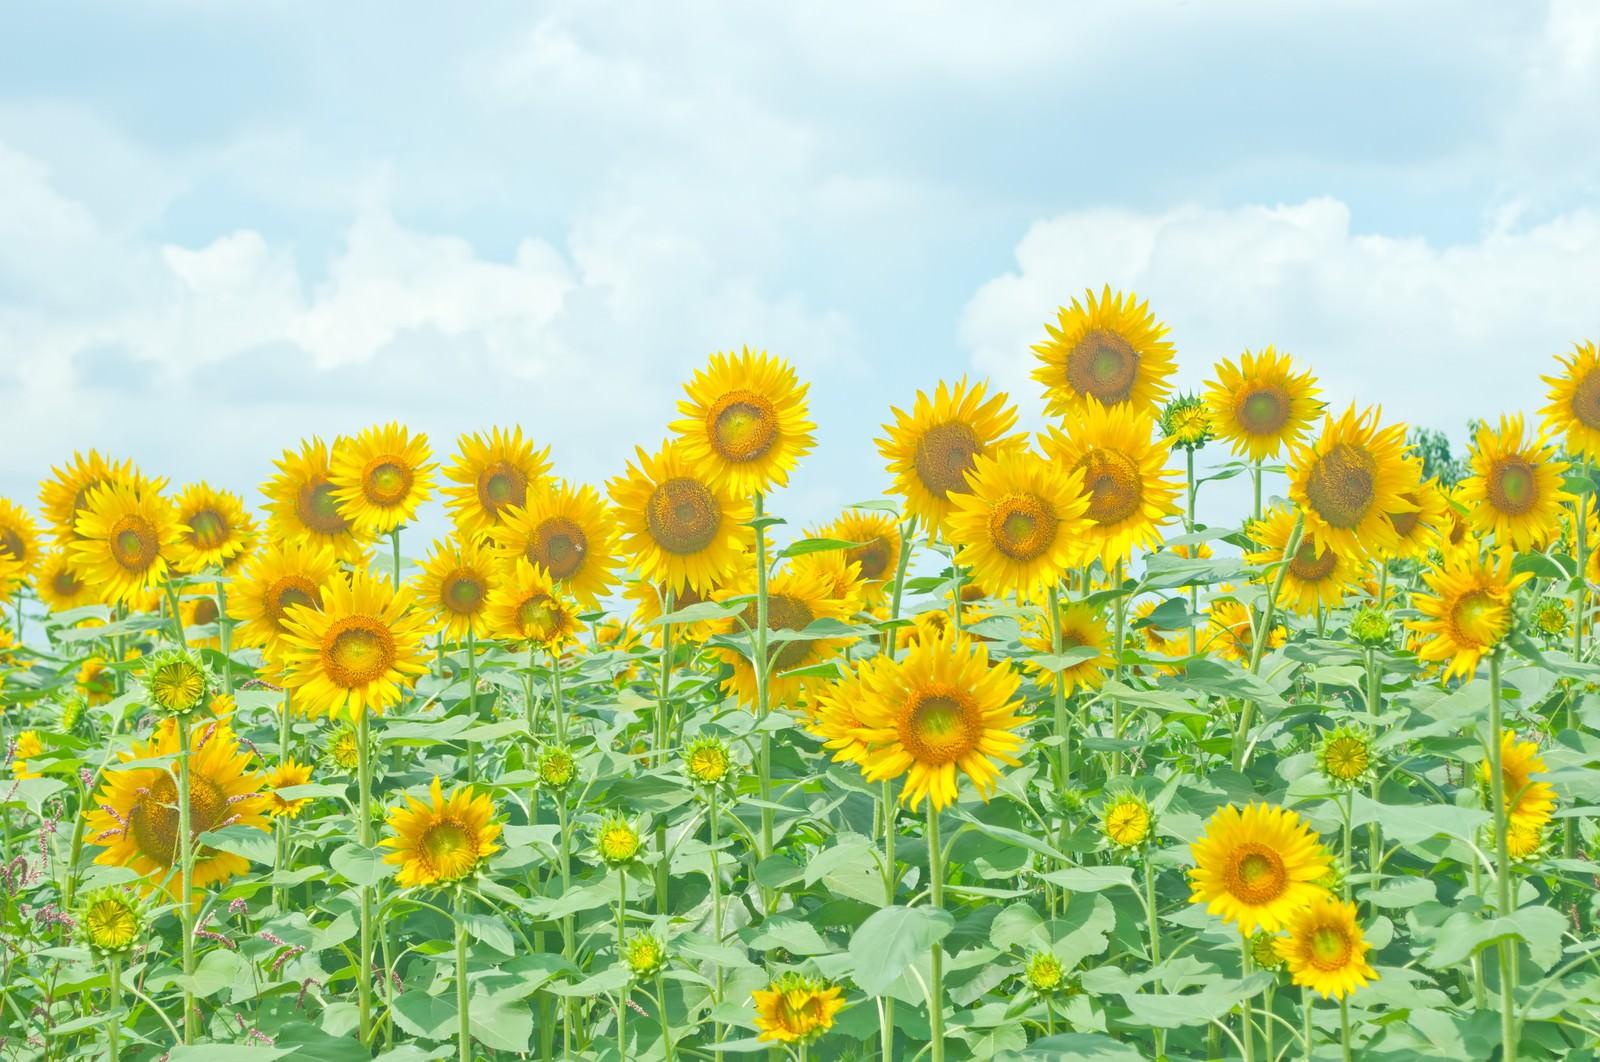 「座間の向日葵座間の向日葵」のフリー写真素材を拡大